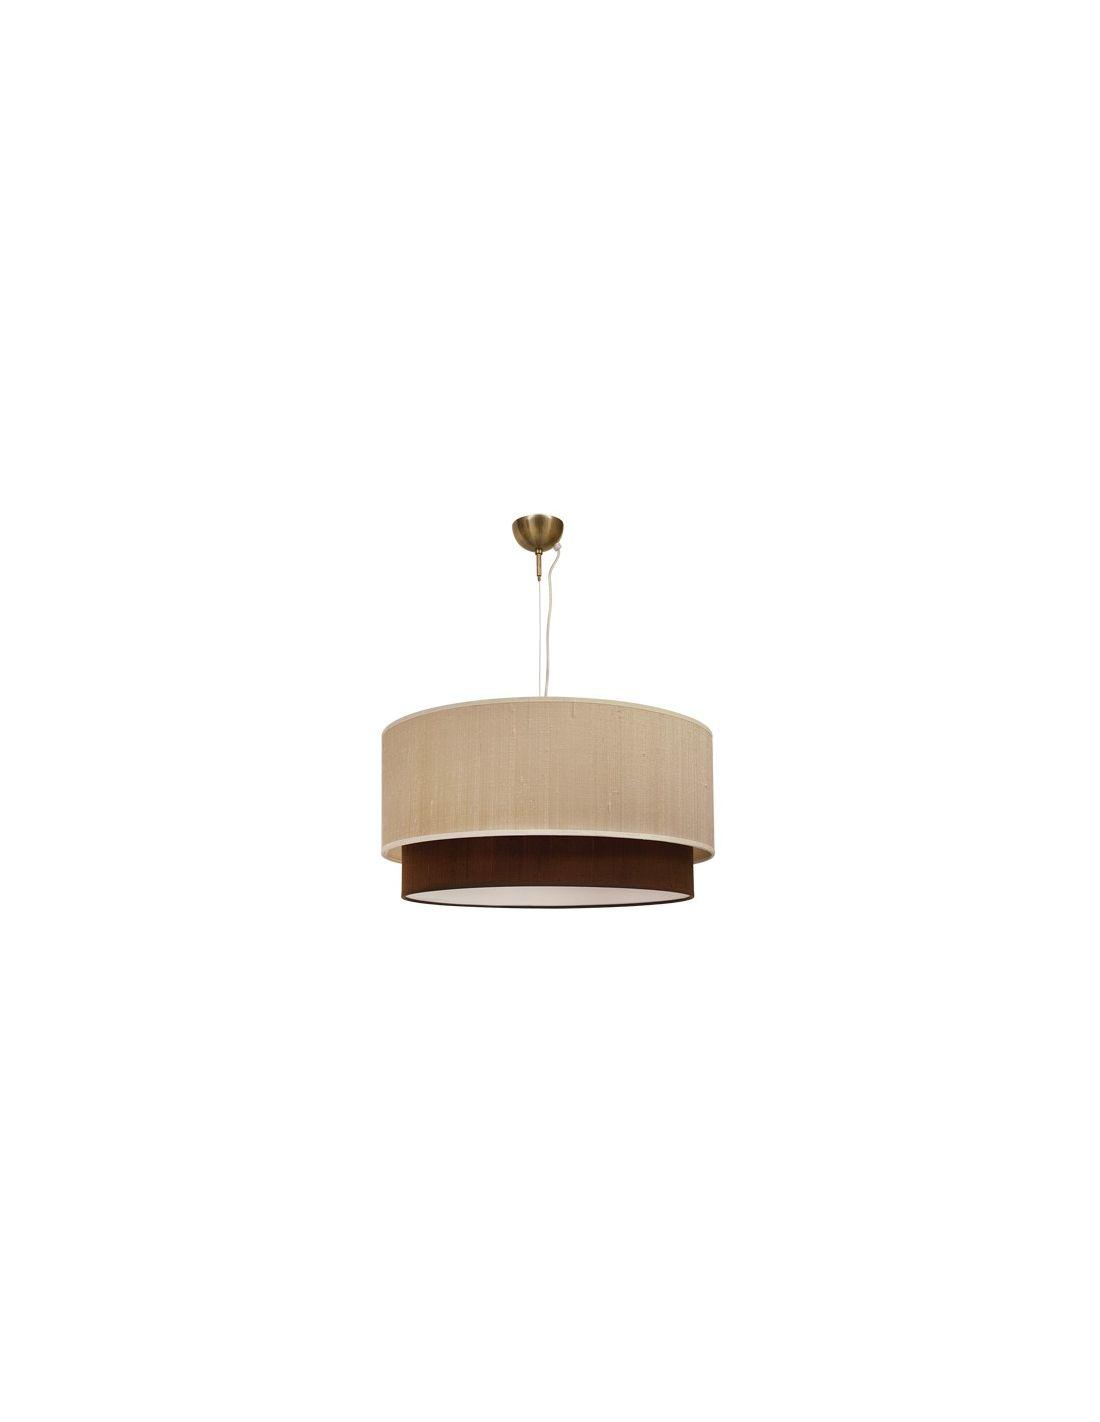 Lamparas actuales lamparas marrones y beige lamparas - Venta de lamparas de techo ...